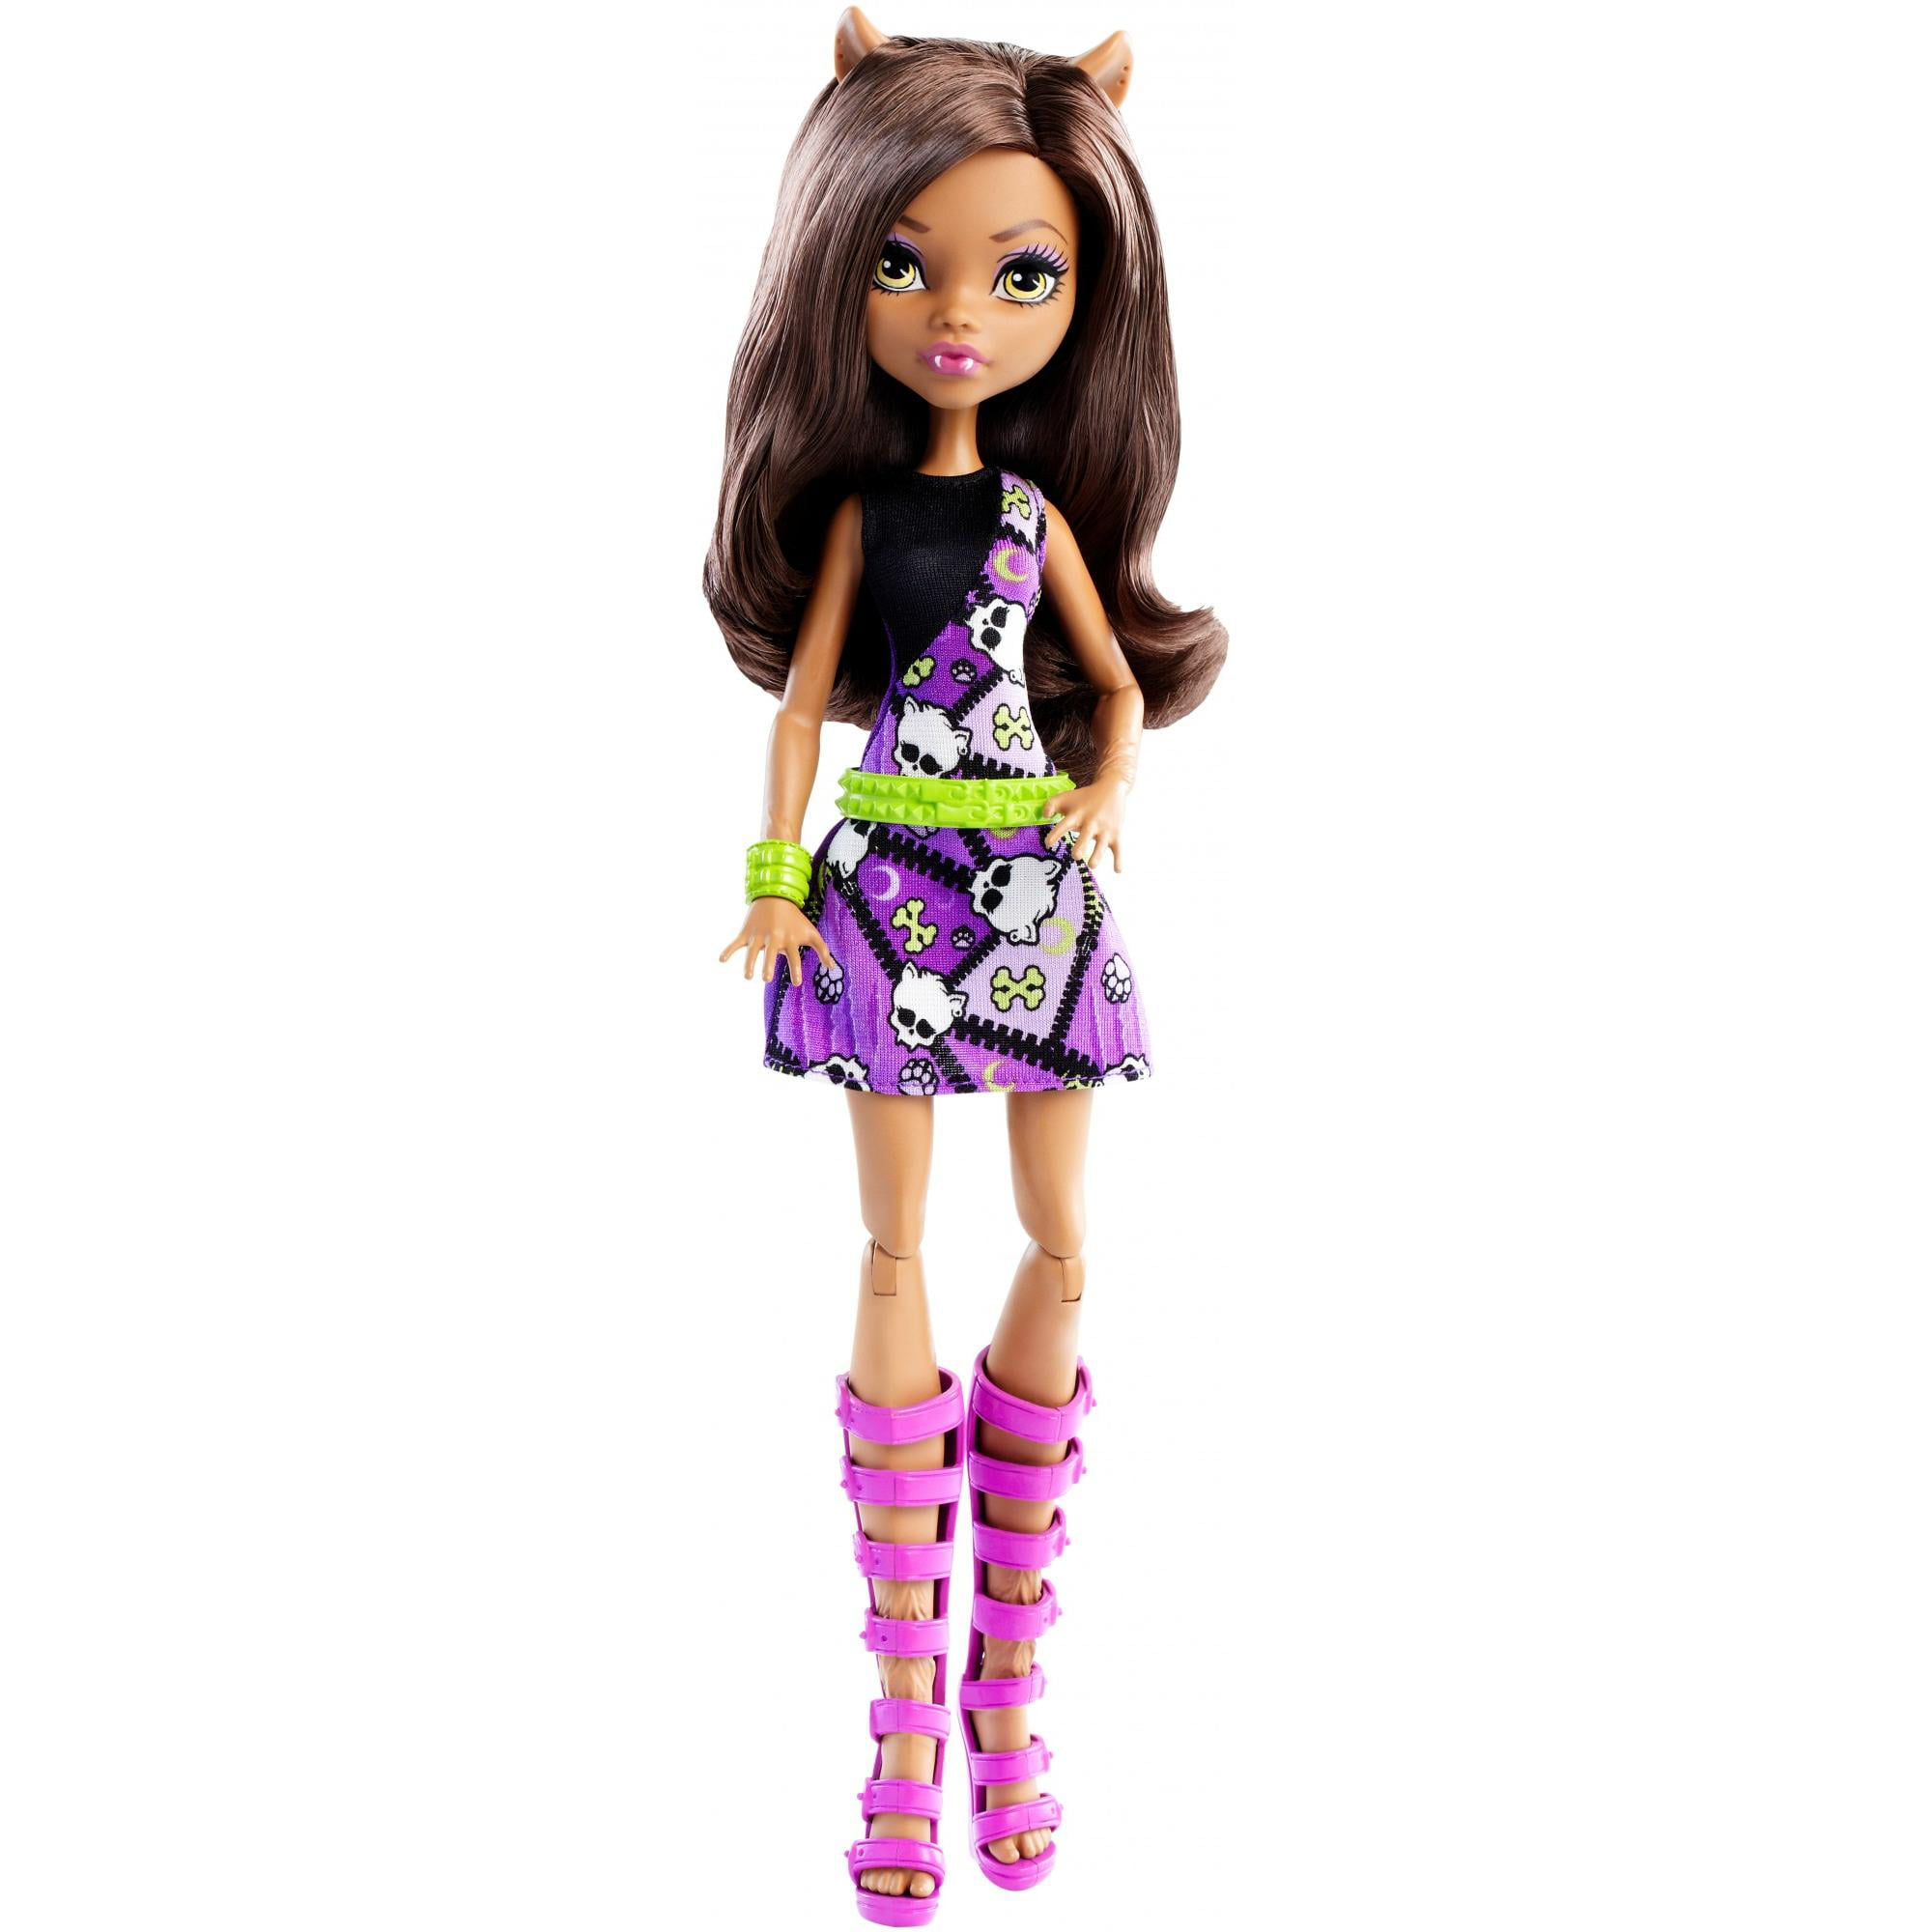 Monster High Clawdeen Wolf Doll by MATTEL INC.